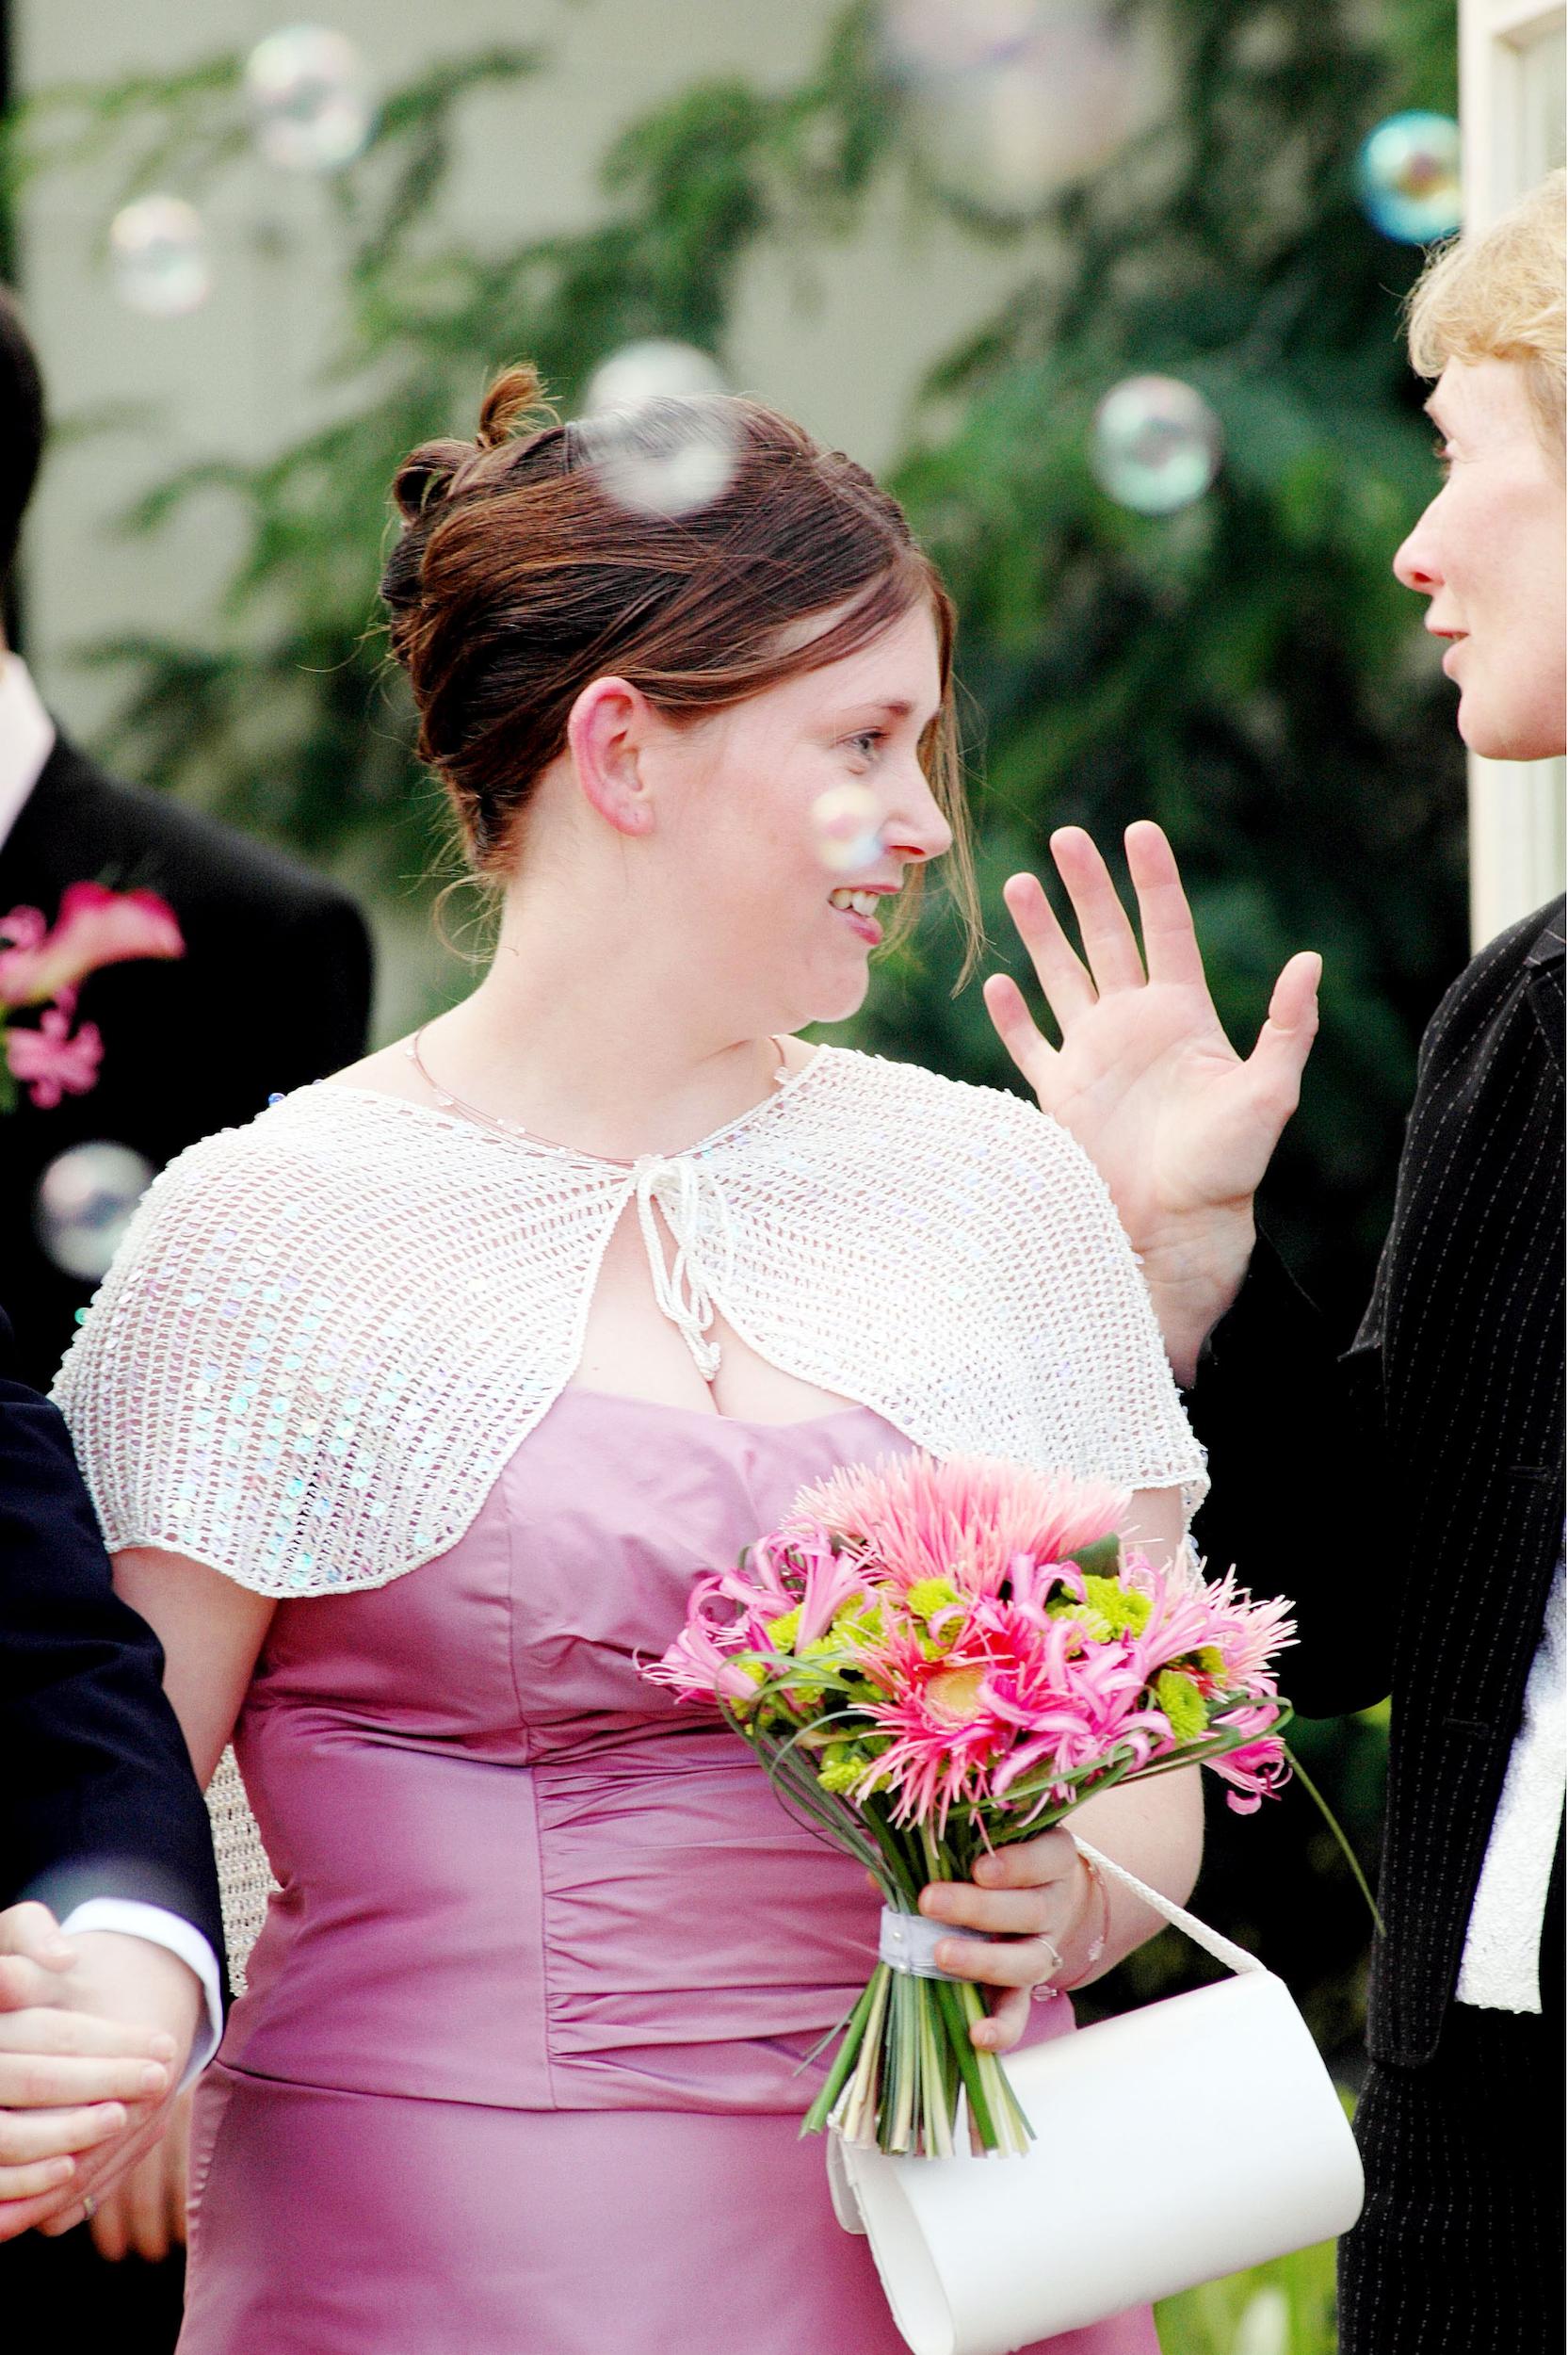 REPORTAGE-WEDDING-PHOTOGRAPHY-UK-2.jpg